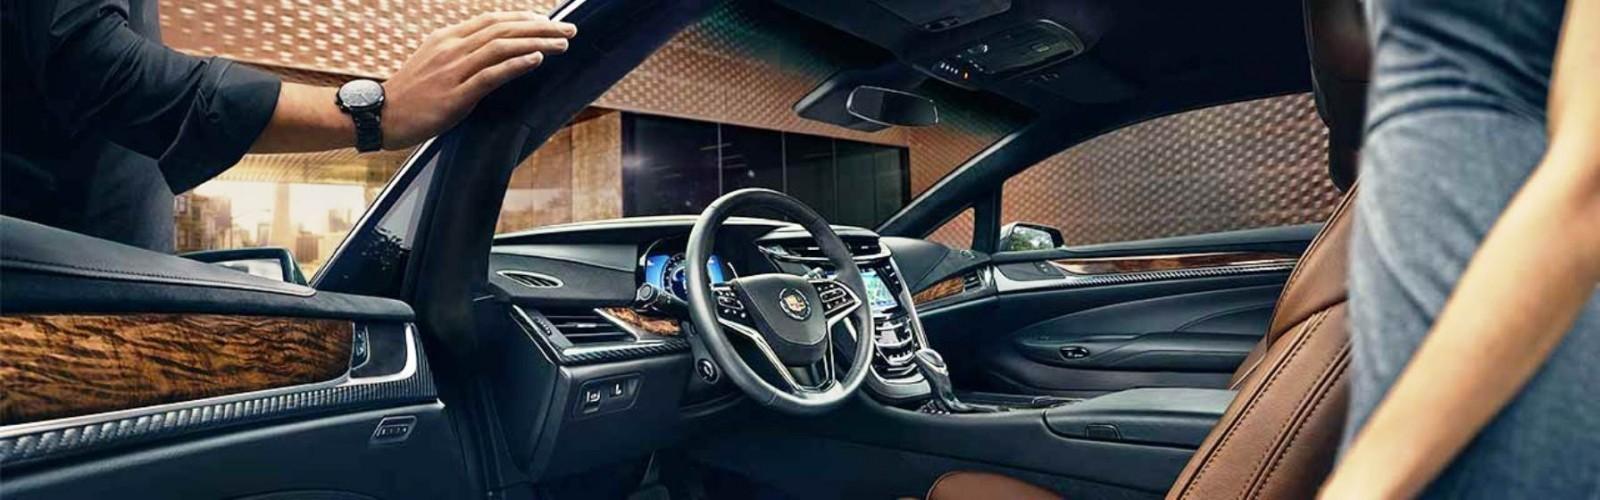 2014-Cadillac-ELR-8-1600x500.jpg